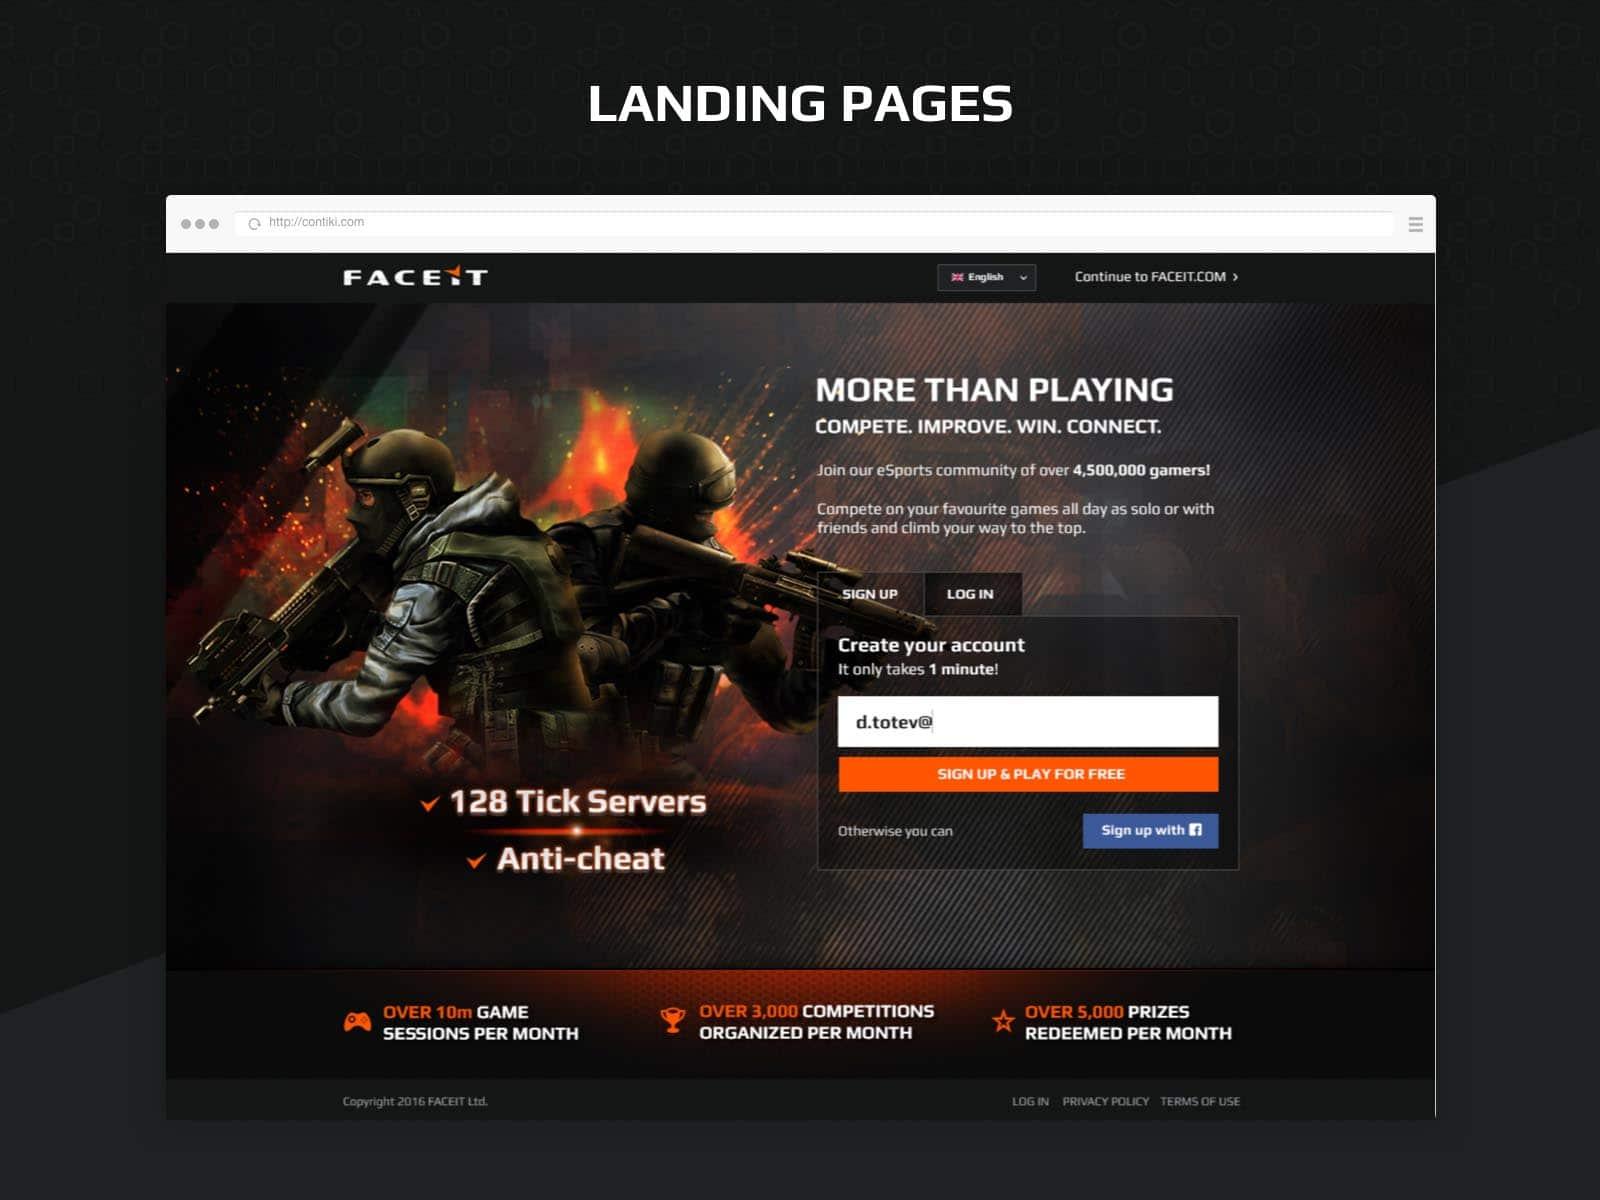 faceit landing pages design